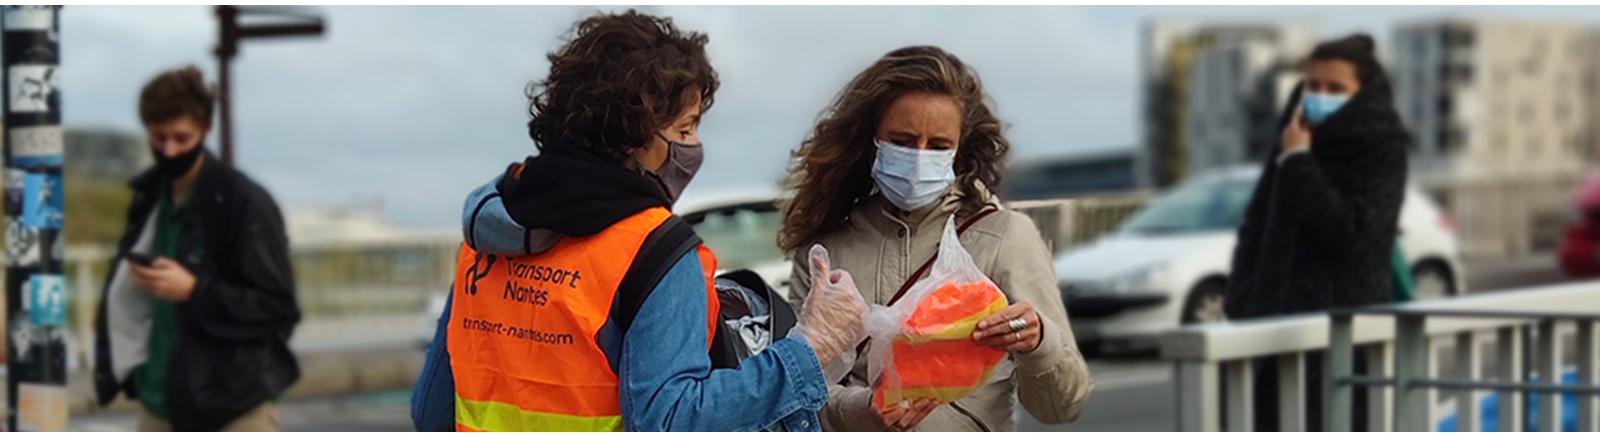 Association Les Mobilitains   Distribution de gilet réfléchissant pour les vélos au pont Anne de Bretagne